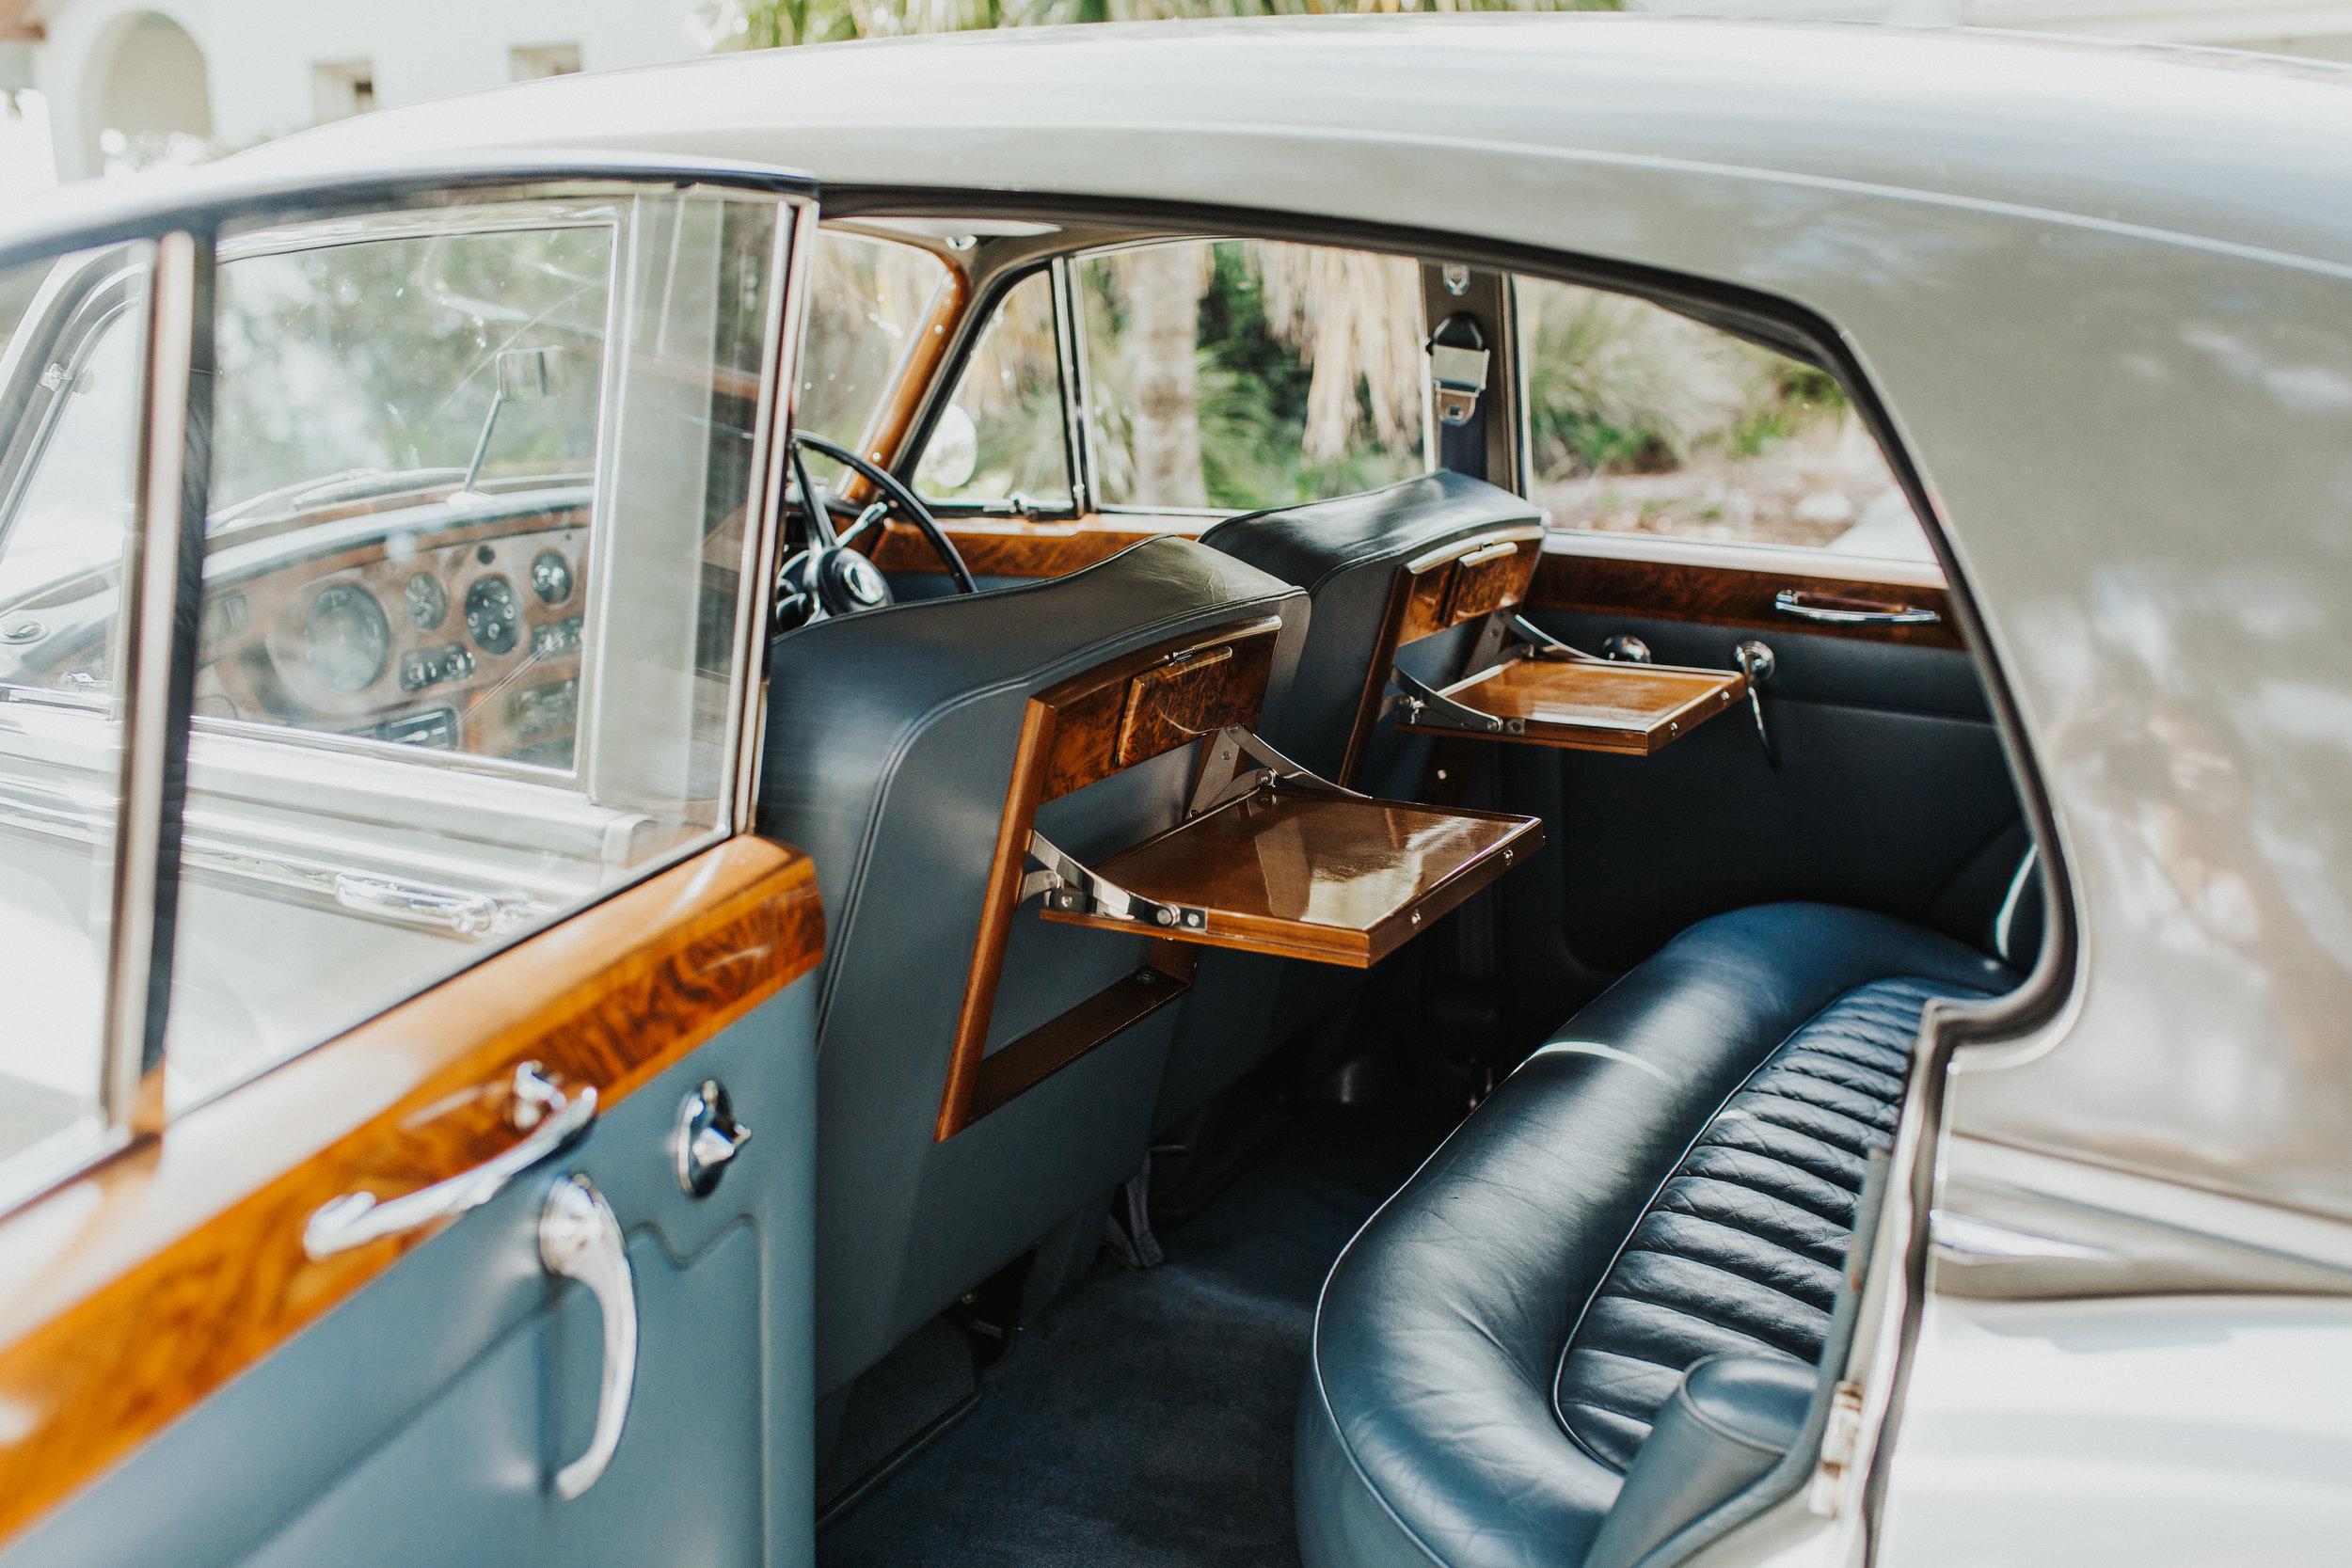 rolls-royce-wedding-car-transportation.jpg